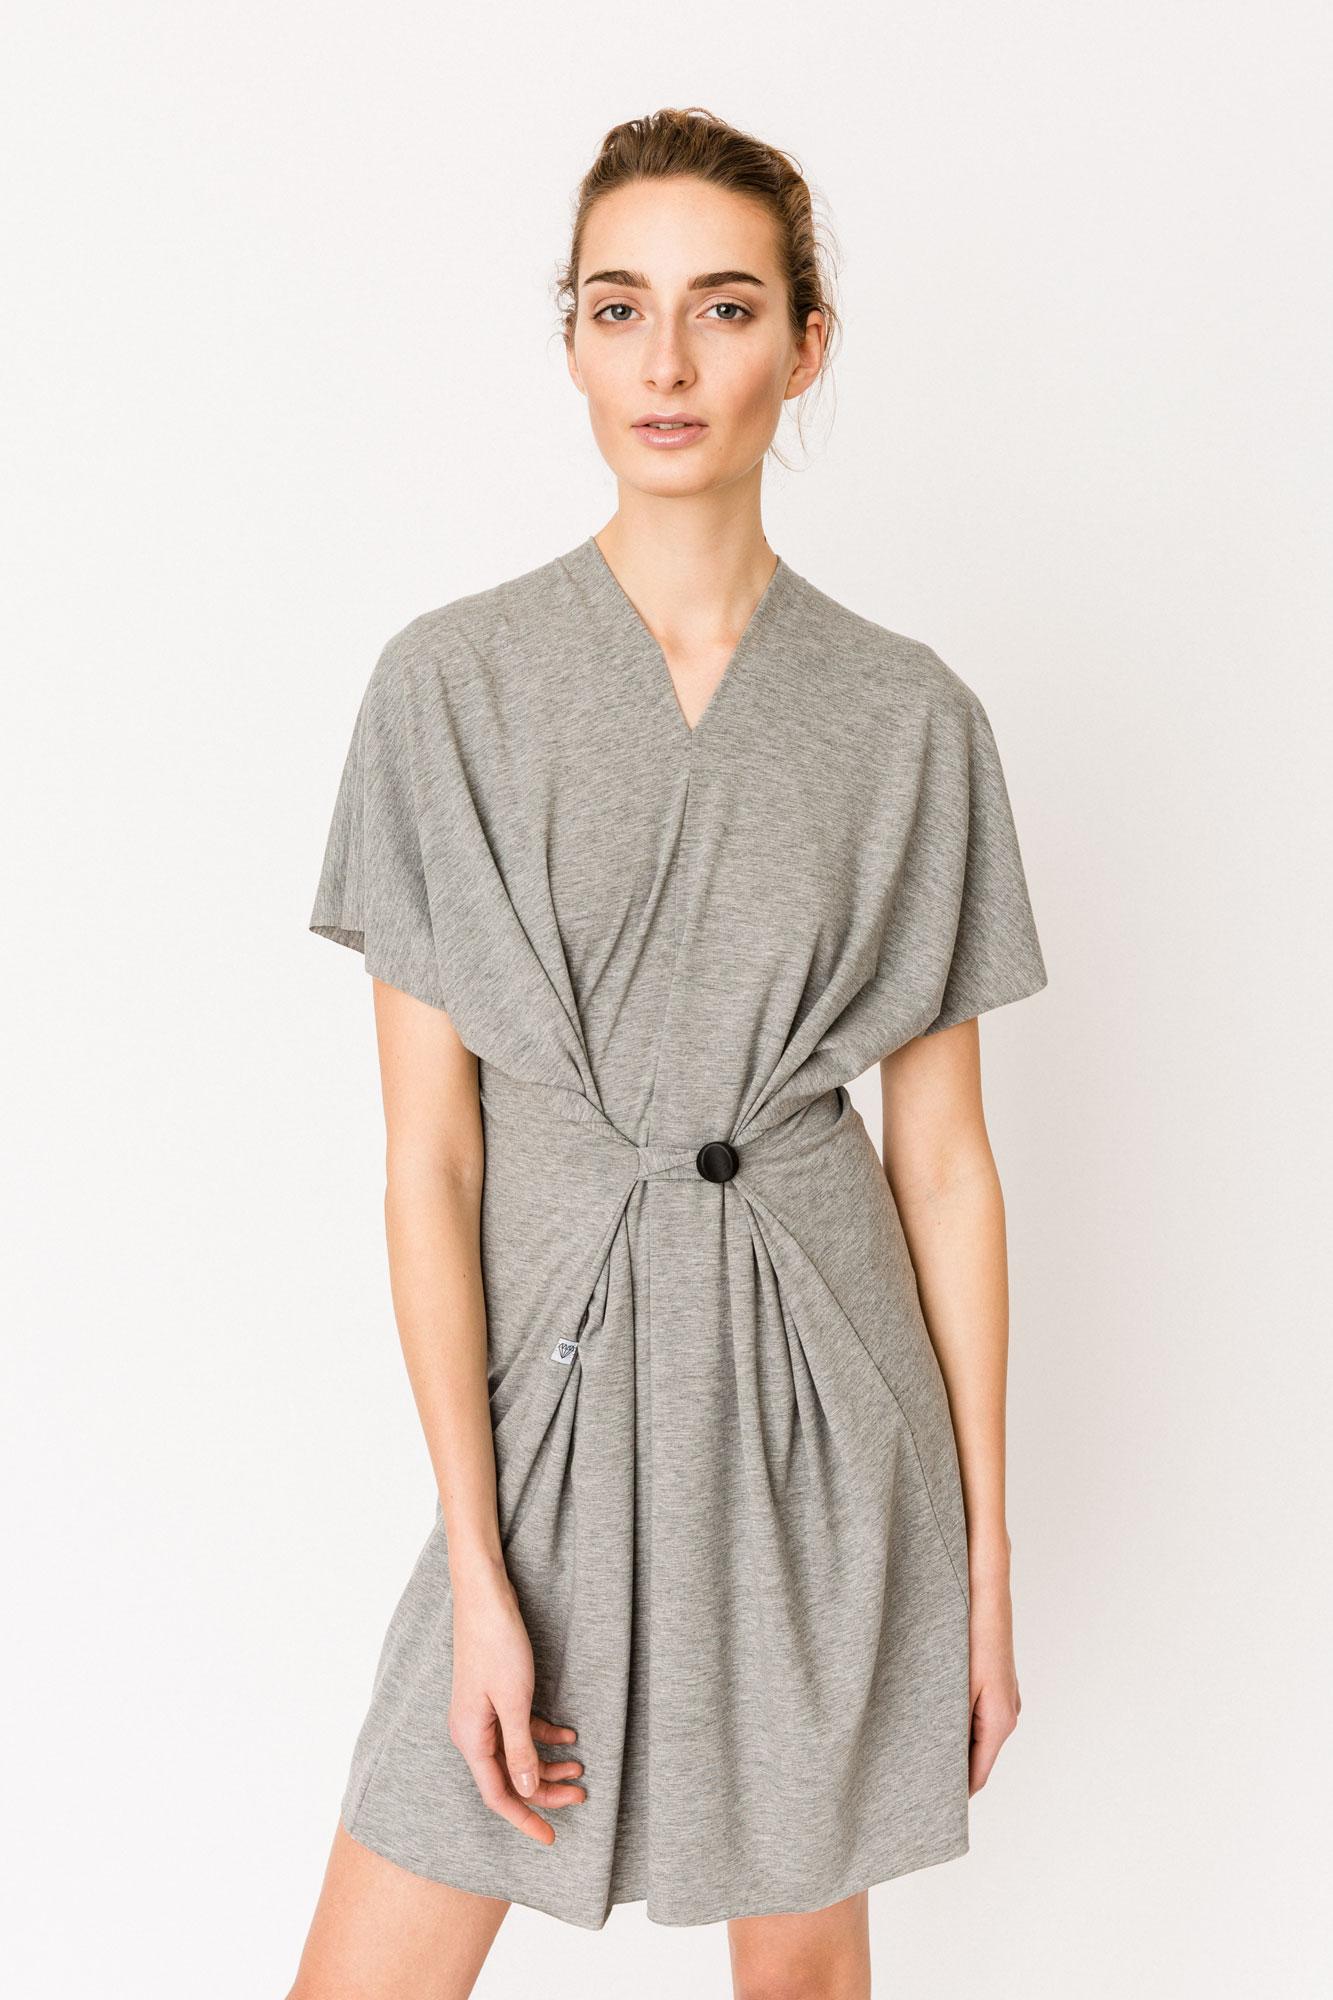 WRNS_BASICS_Gombik-Dress_a01